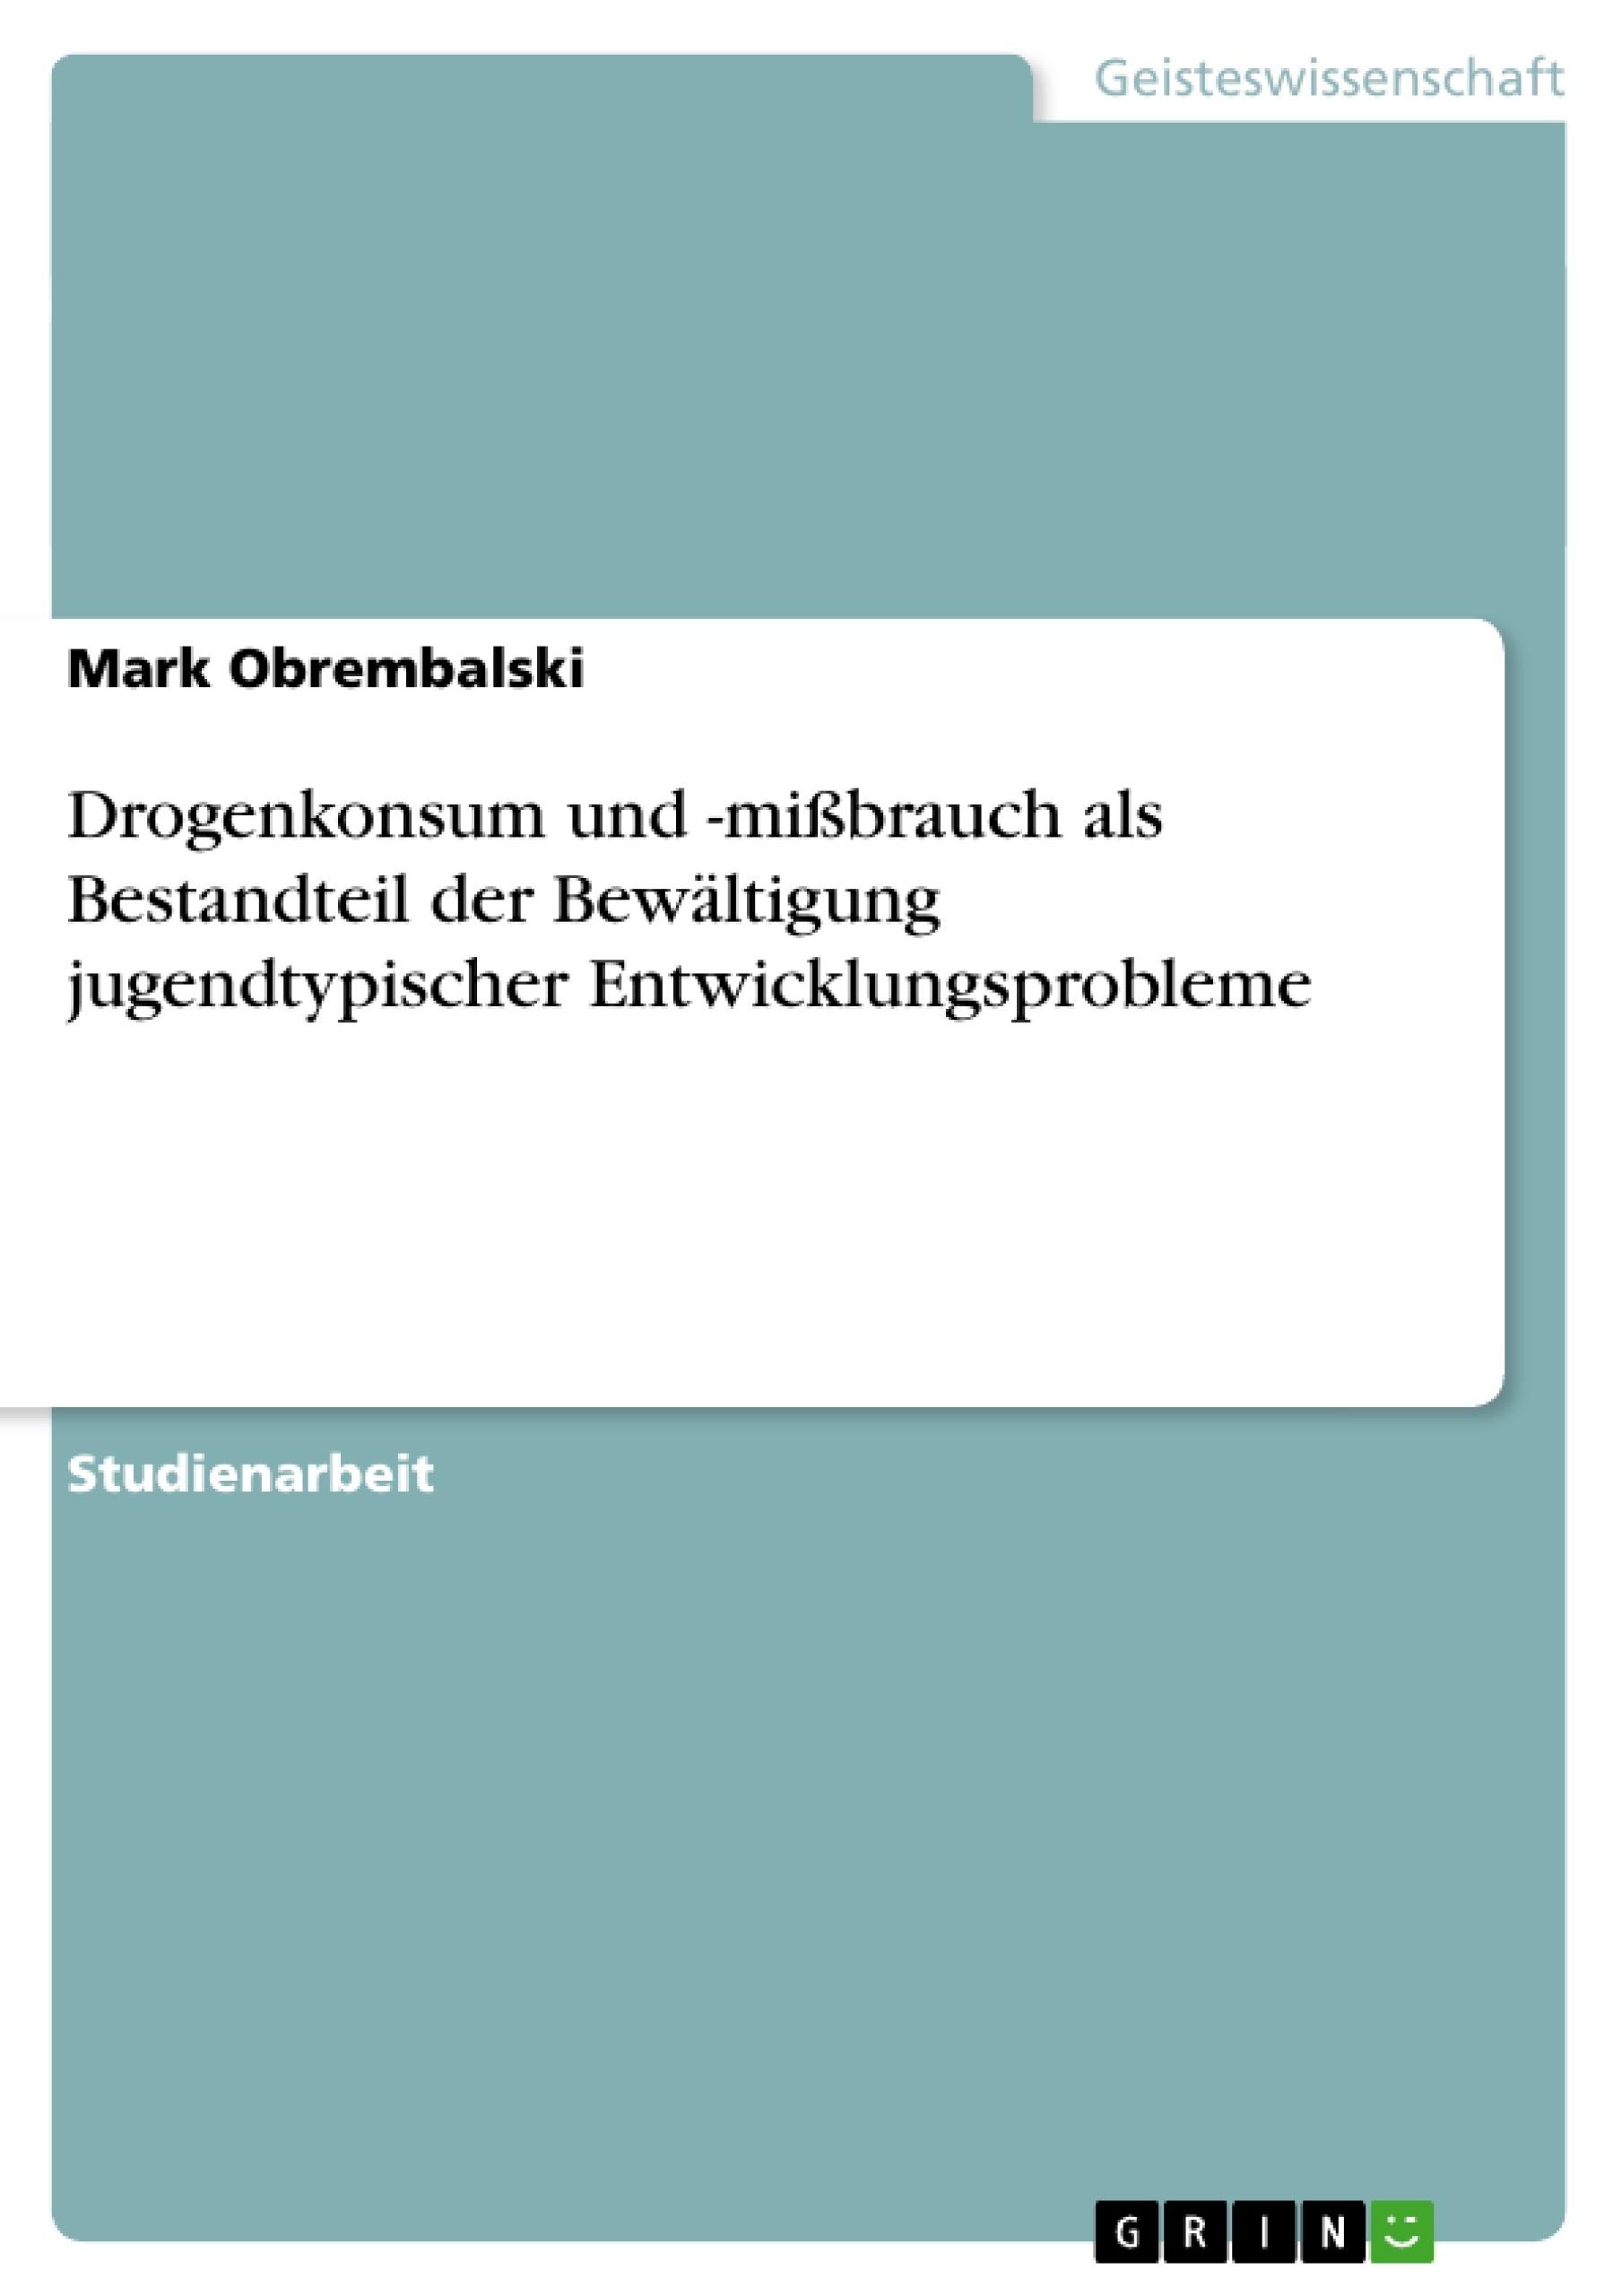 Titel: Drogenkonsum und -mißbrauch als Bestandteil der Bewältigung jugendtypischer Entwicklungsprobleme